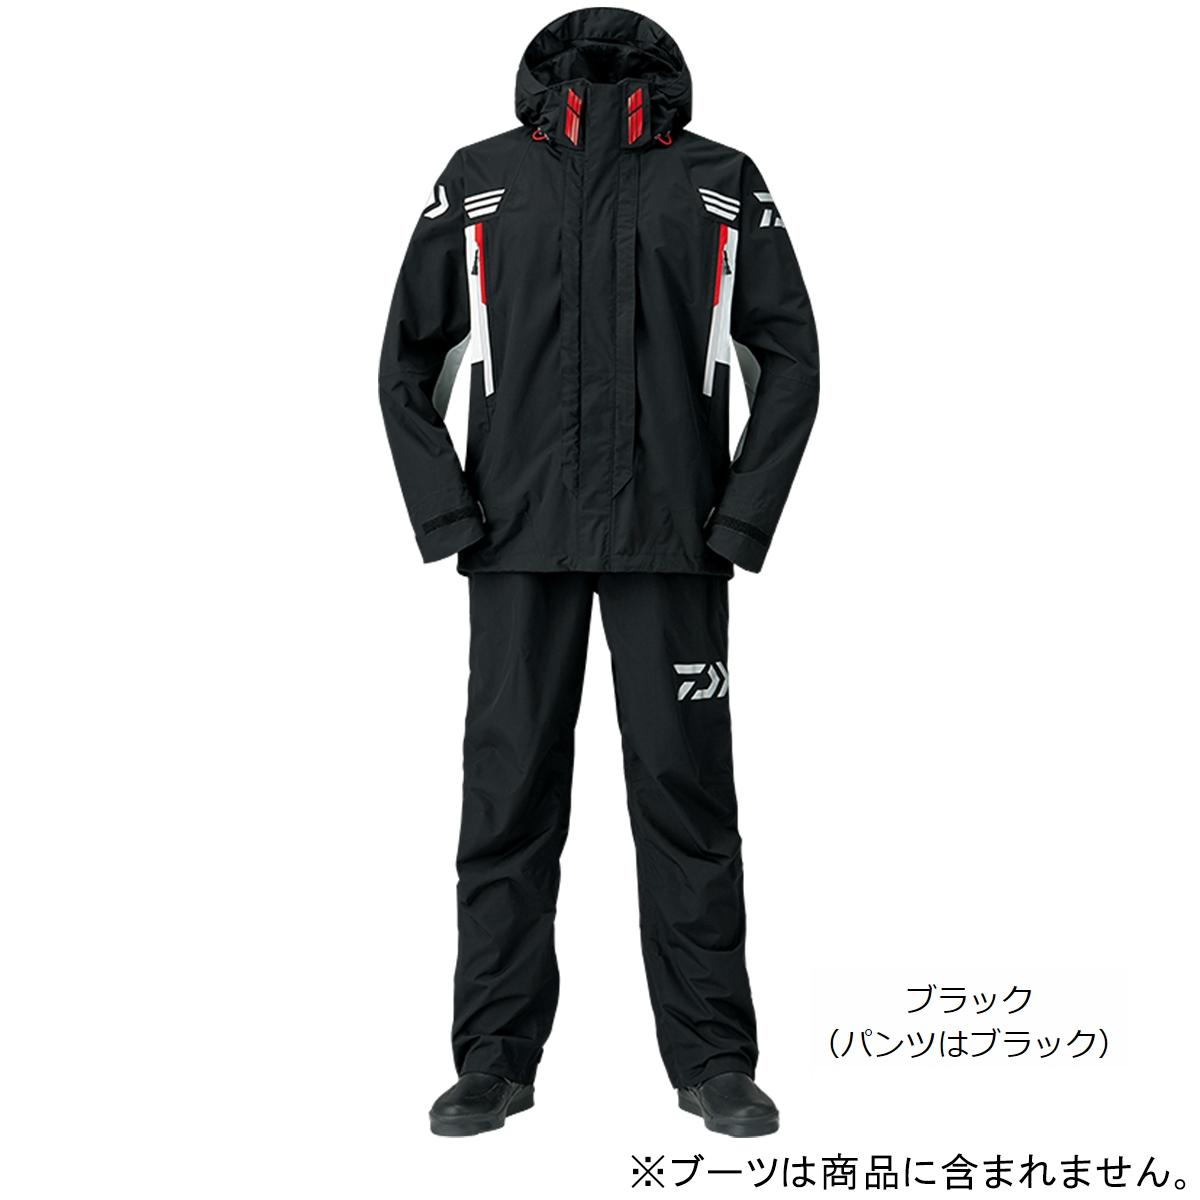 ダイワ レインマックス ハイパー コンビアップレインスーツ DR-3108 M ブラック(東日本店)